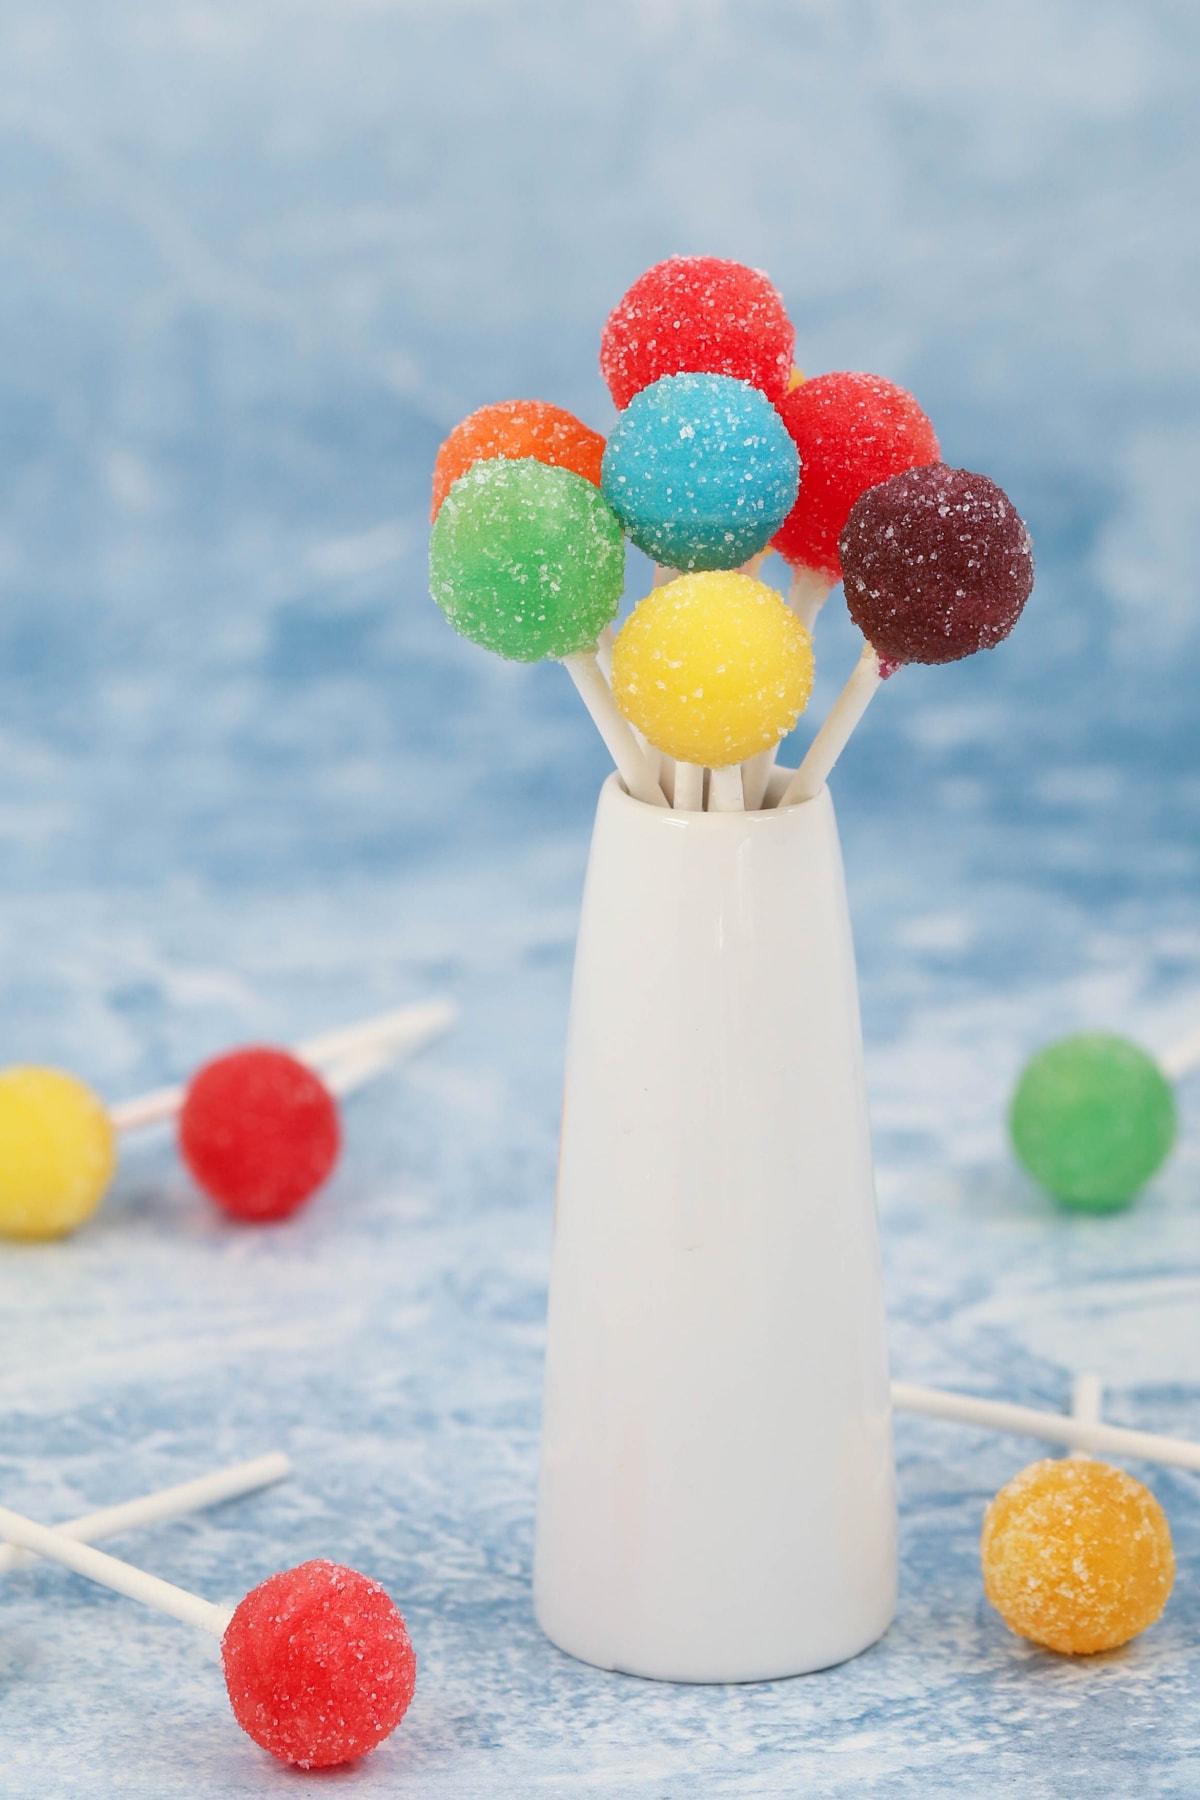 Acid lollipops in white vase